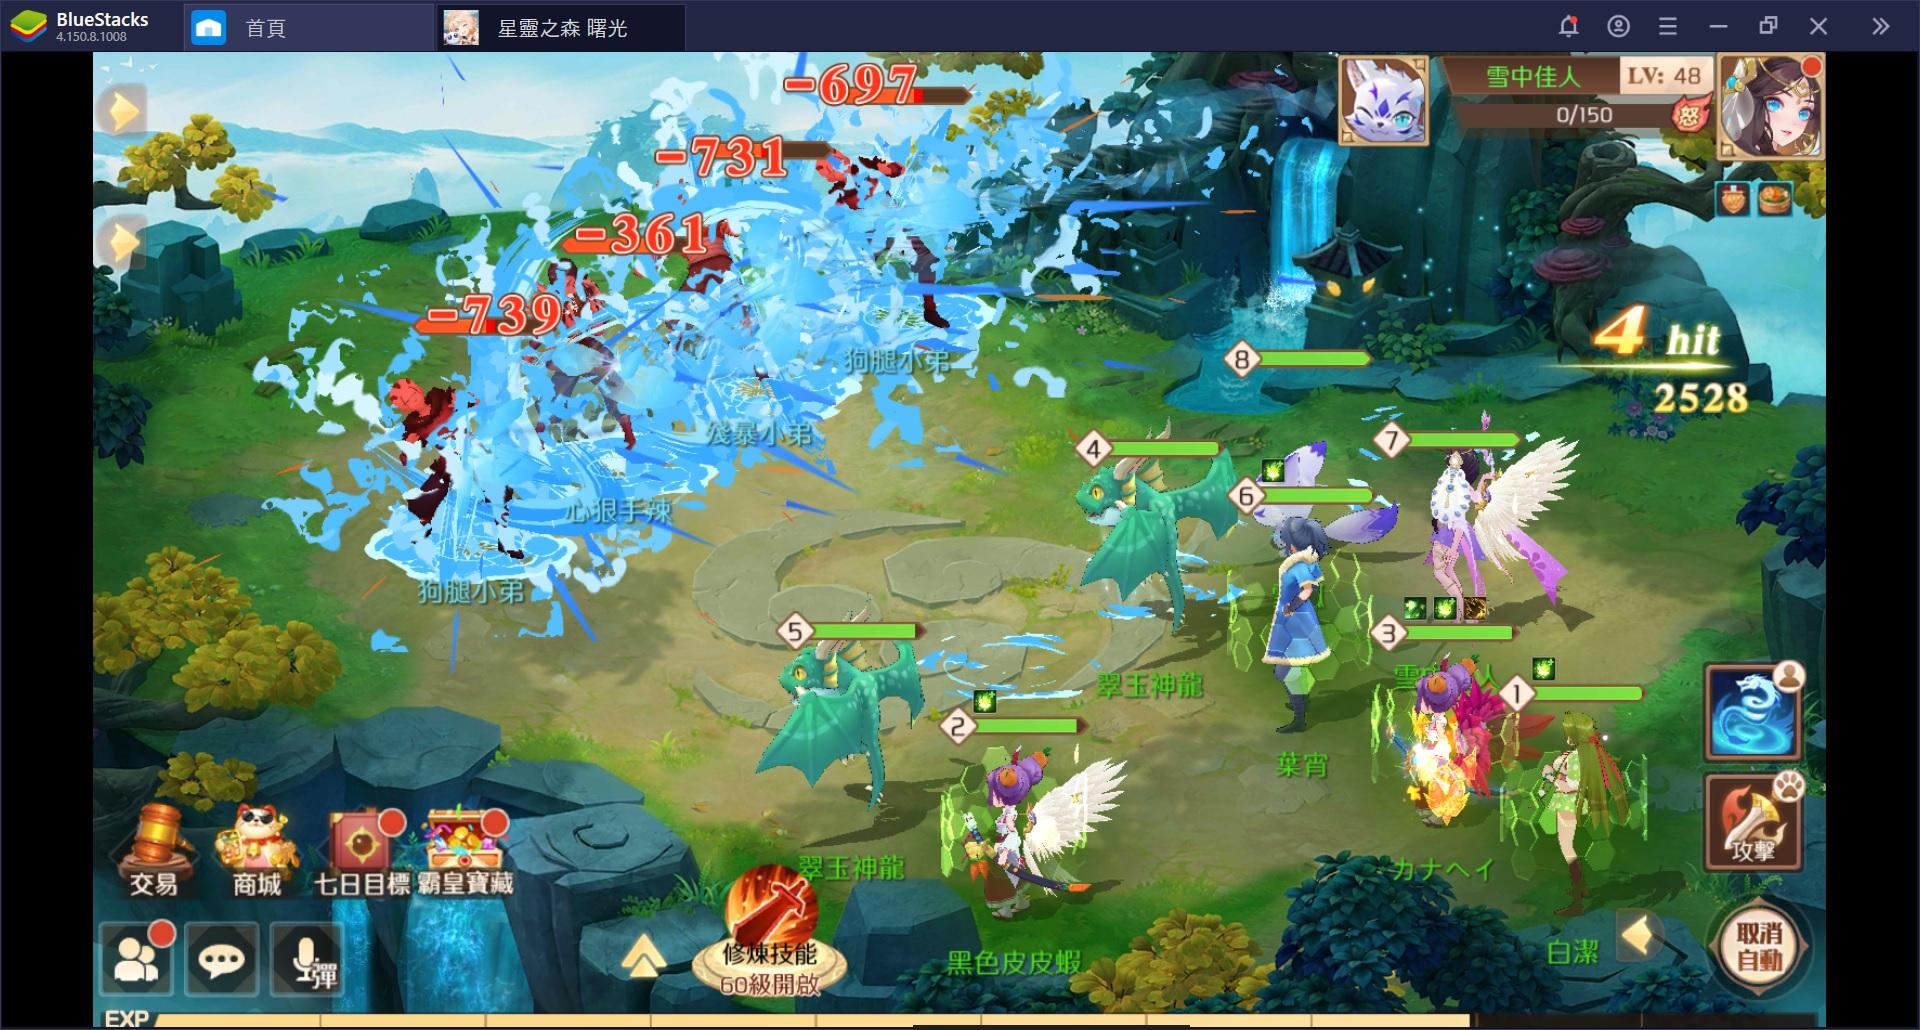 使用BlueStacks在電腦上體驗日系結伴冒險 RPG手游 星靈之森